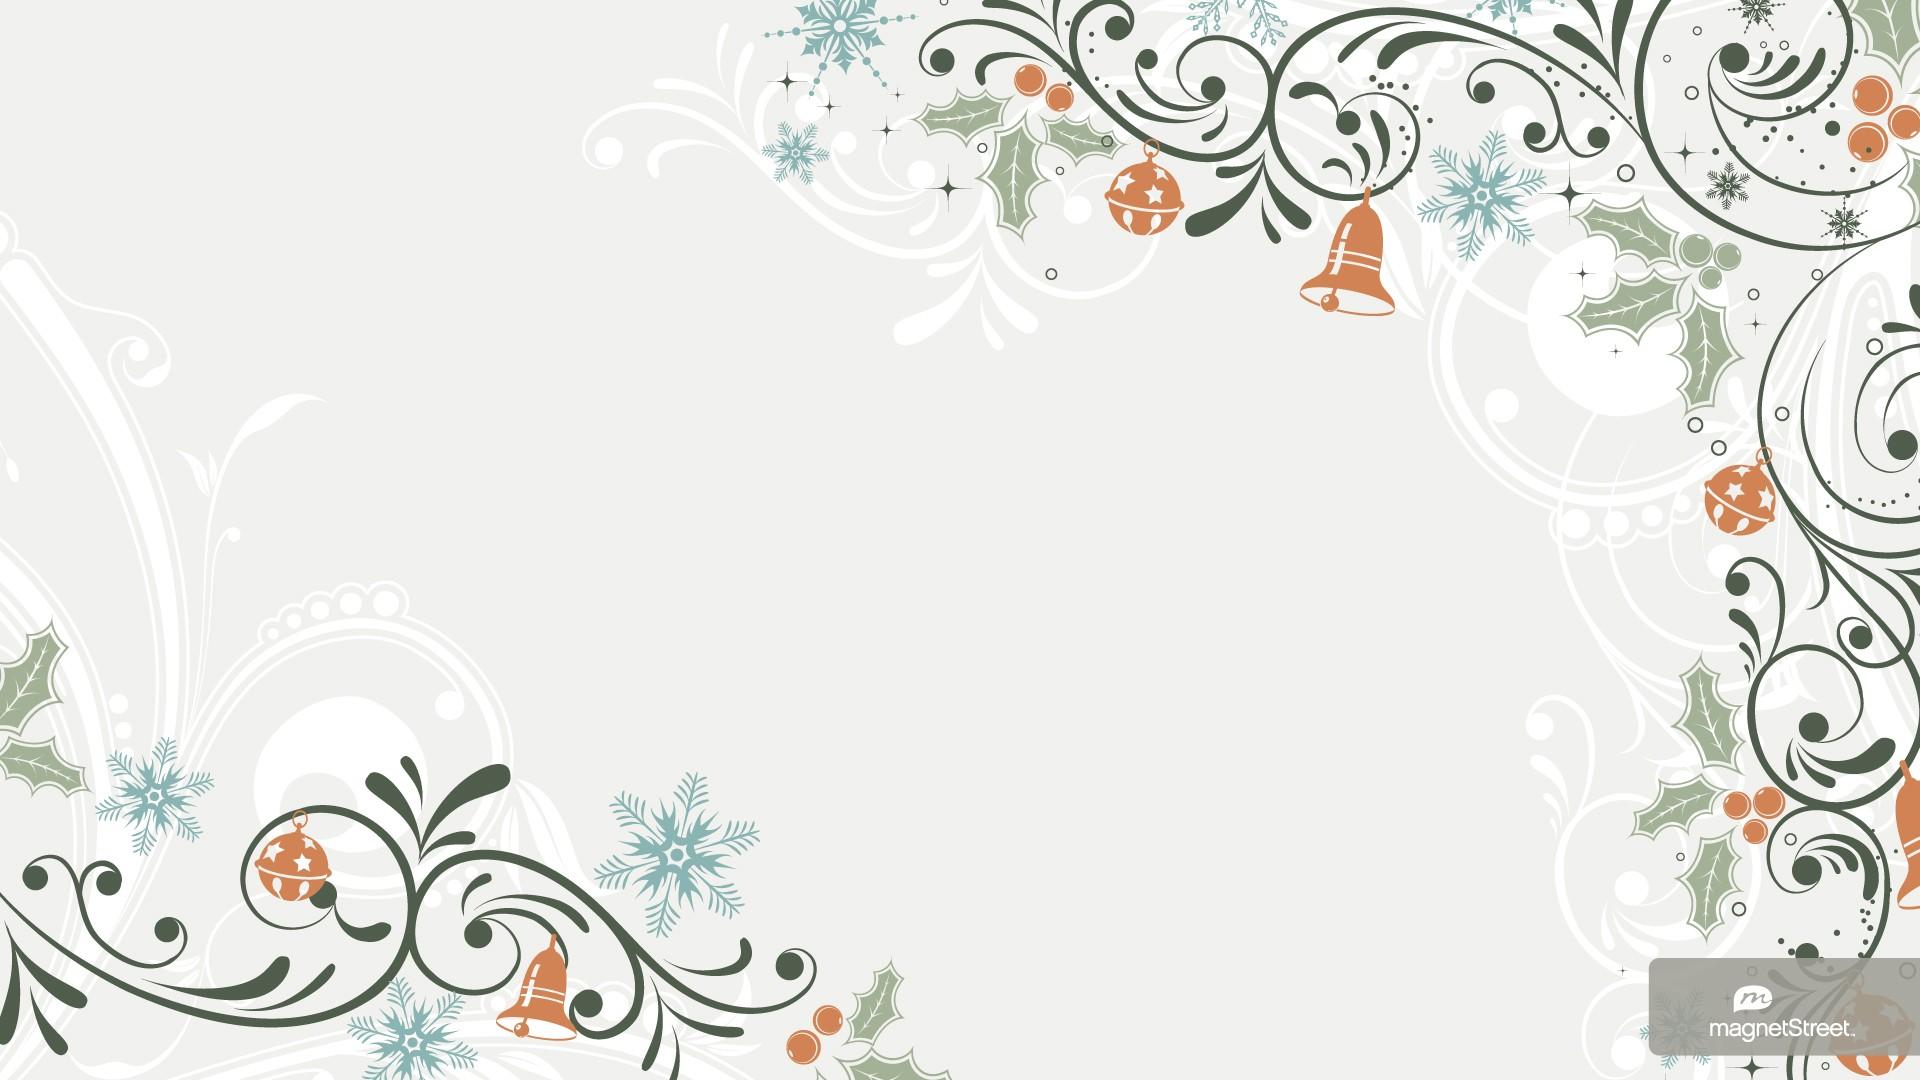 Новогодние пригласительные открытки фоны вектор